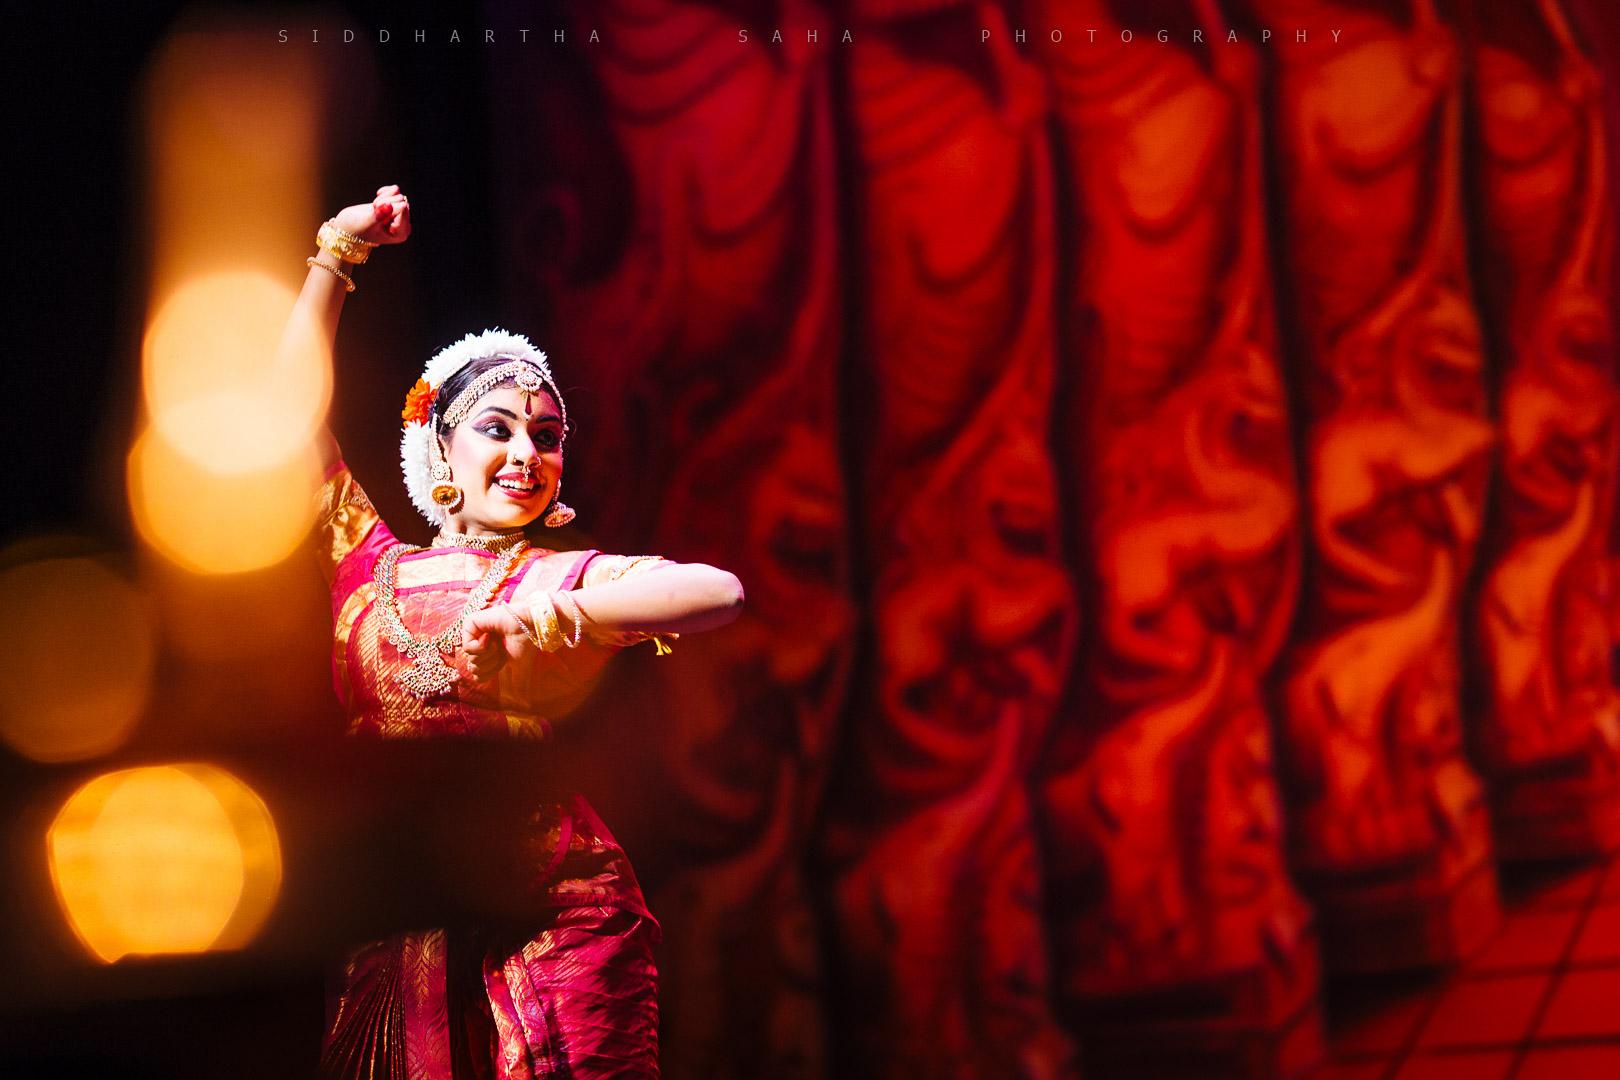 2015-09-06 - Riya Arangetram - _05Y6600